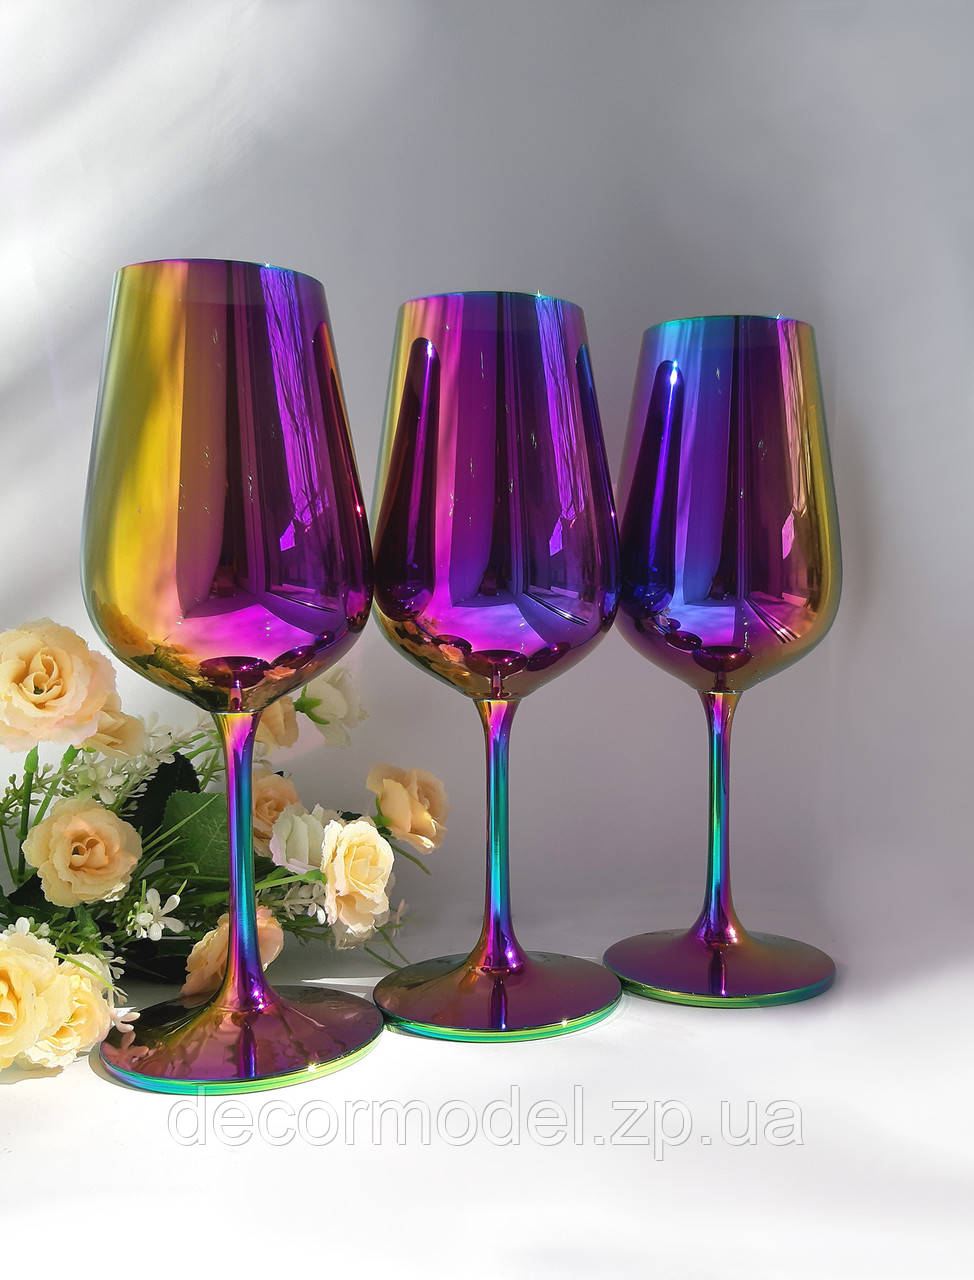 Набор бокалов для вина Bohemia Strix 360 мл. (цвет: РАДУГА, сияние)